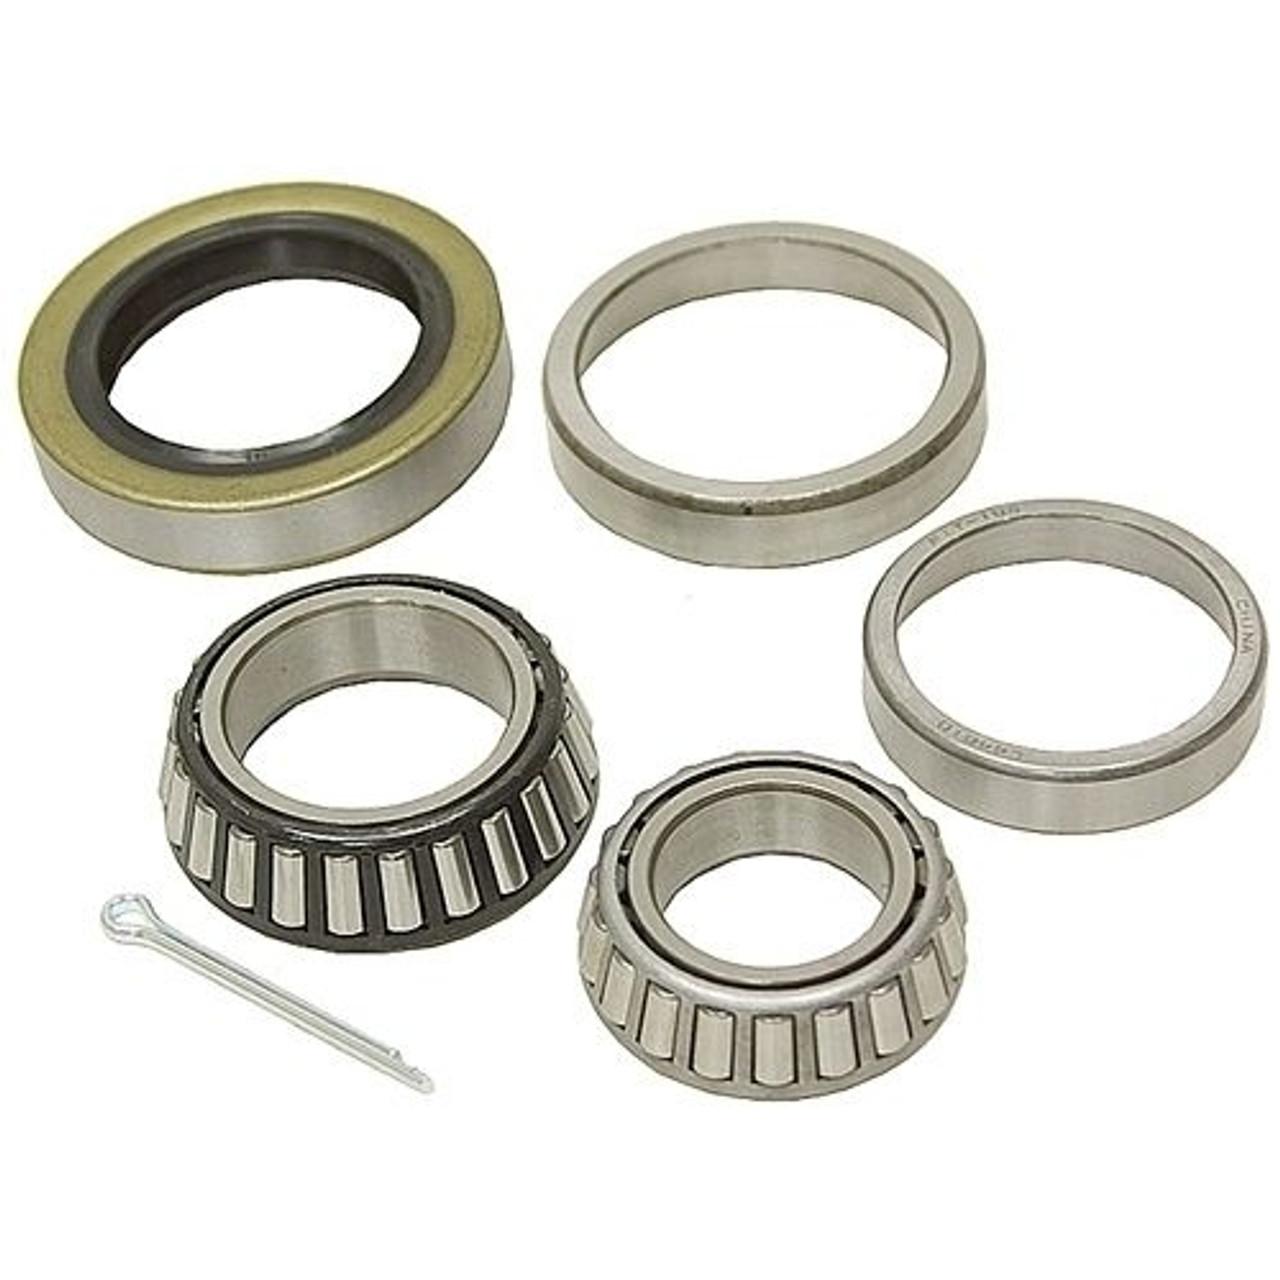 1-3/8 x 1-1/16 Inch Boat Trailer Wheel Bearing Kit - Bearings, Seal & Cotter Pin